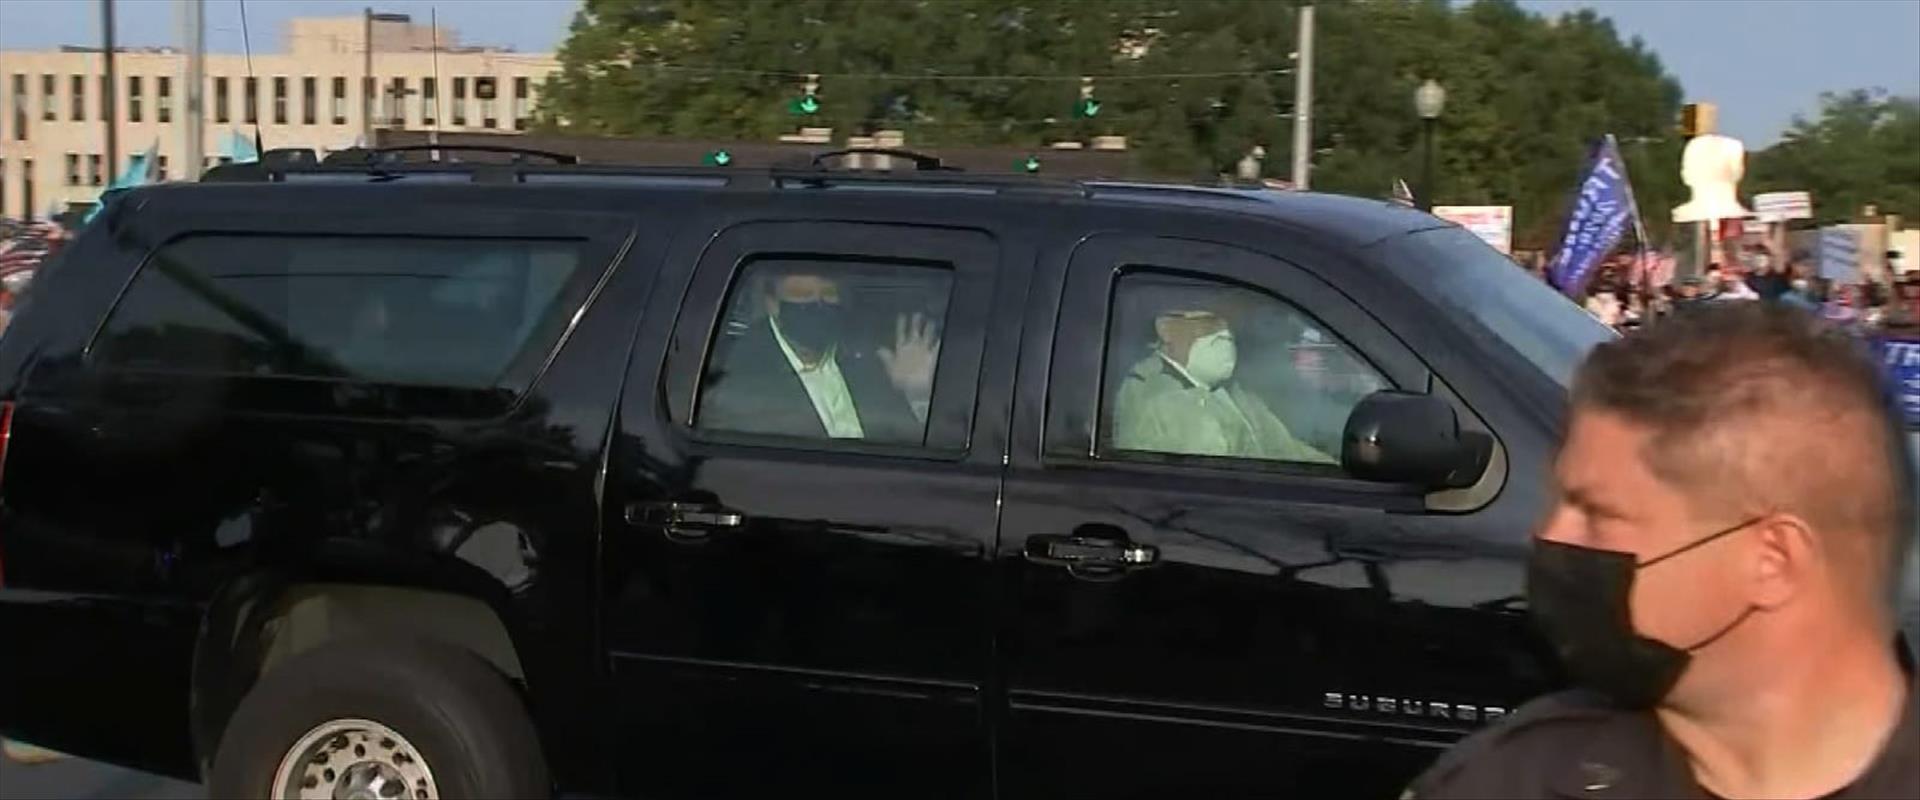 טראמפ במכונית לאחר שיצא מבידוד לברך תומכים, הלילה